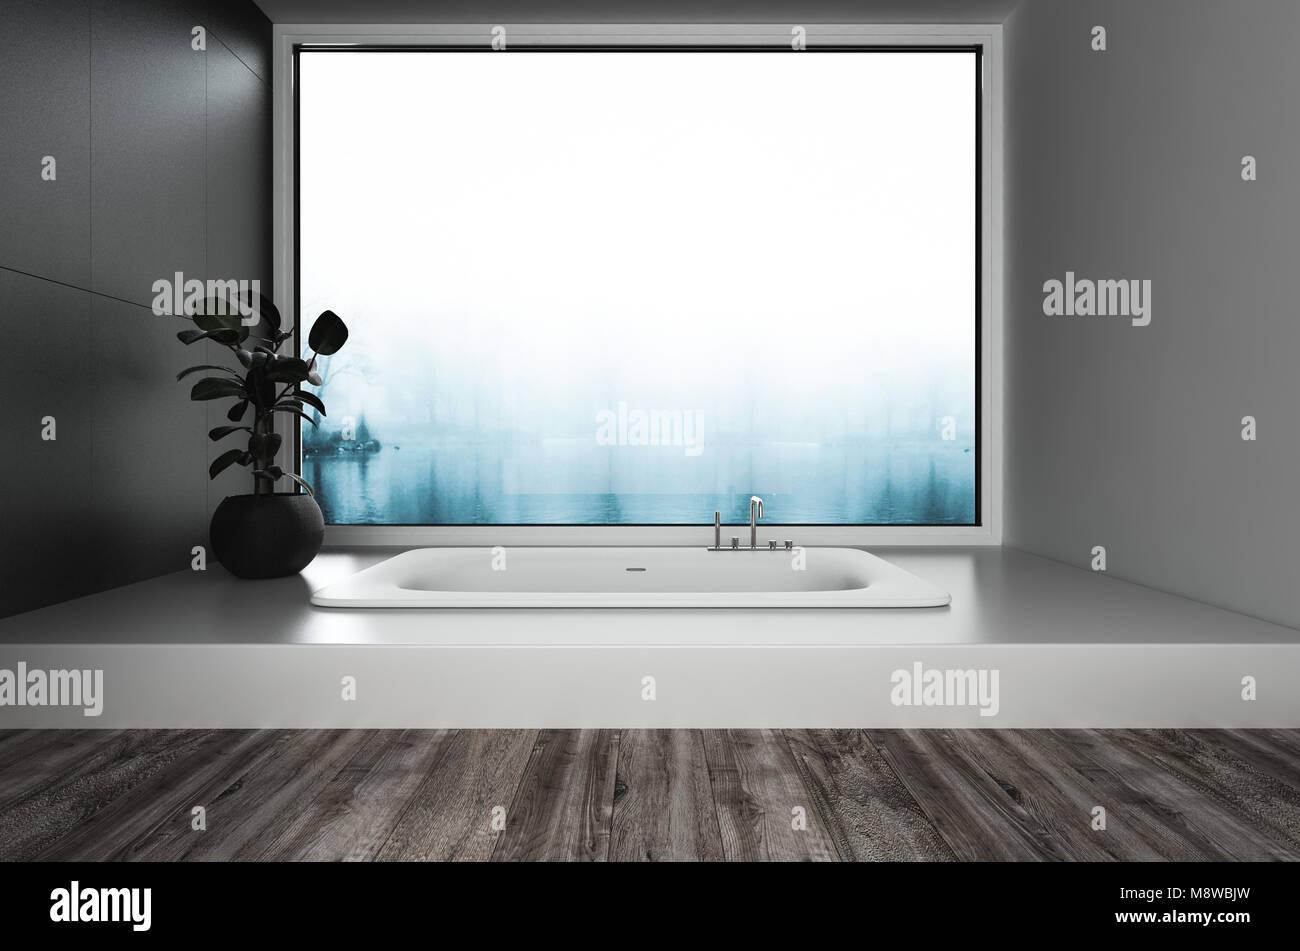 Eingelassene Badewanne luxuriöse moderne badezimmer ausgestattet mit eingelassene